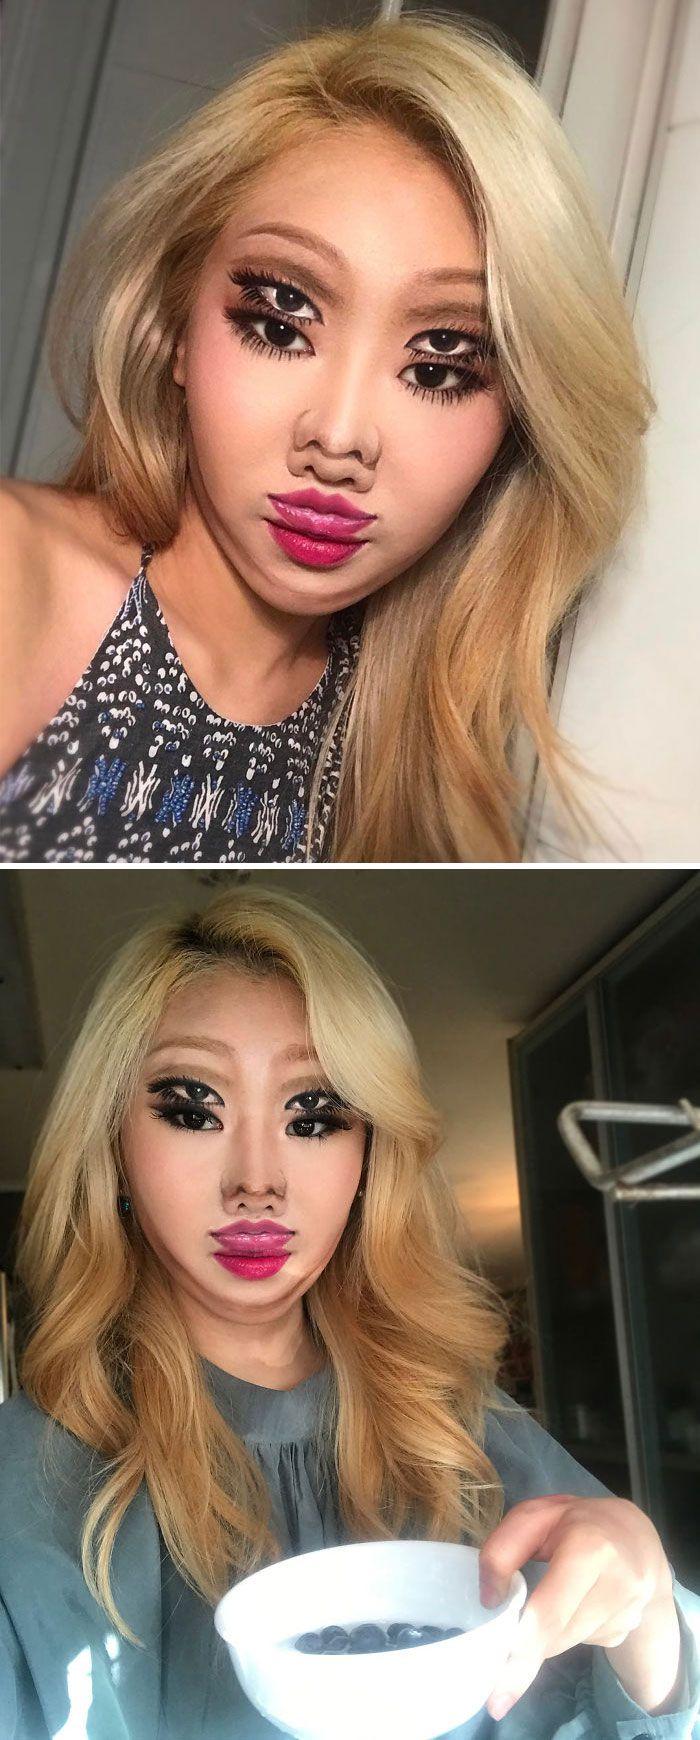 O que este artista faz com o rosto dela mexe seriamente com a sua mente (36 fotos) 20